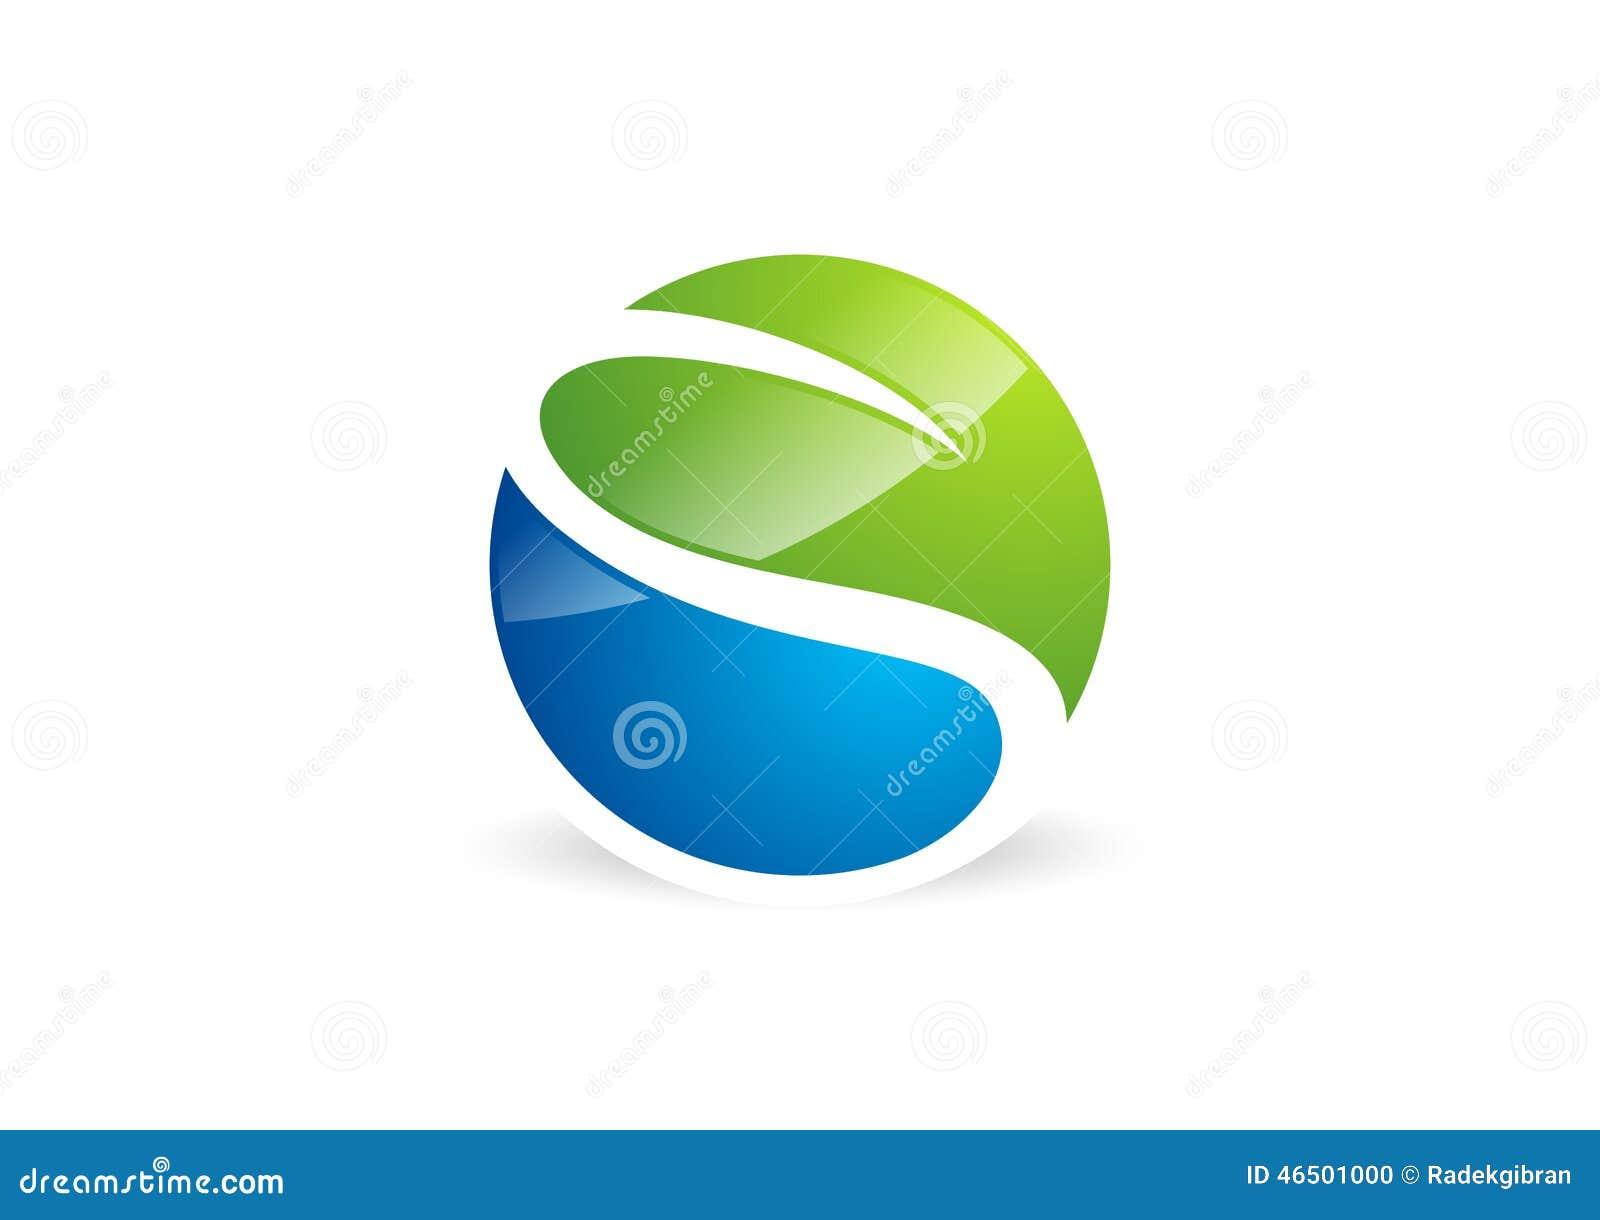 Waterdrop, φύλλο, λογότυπο, κύκλος, φυτό, άνοιξη, σύμβολο τοπίων φύσης, σφαιρική φύση, εικονίδιο γραμμάτων s